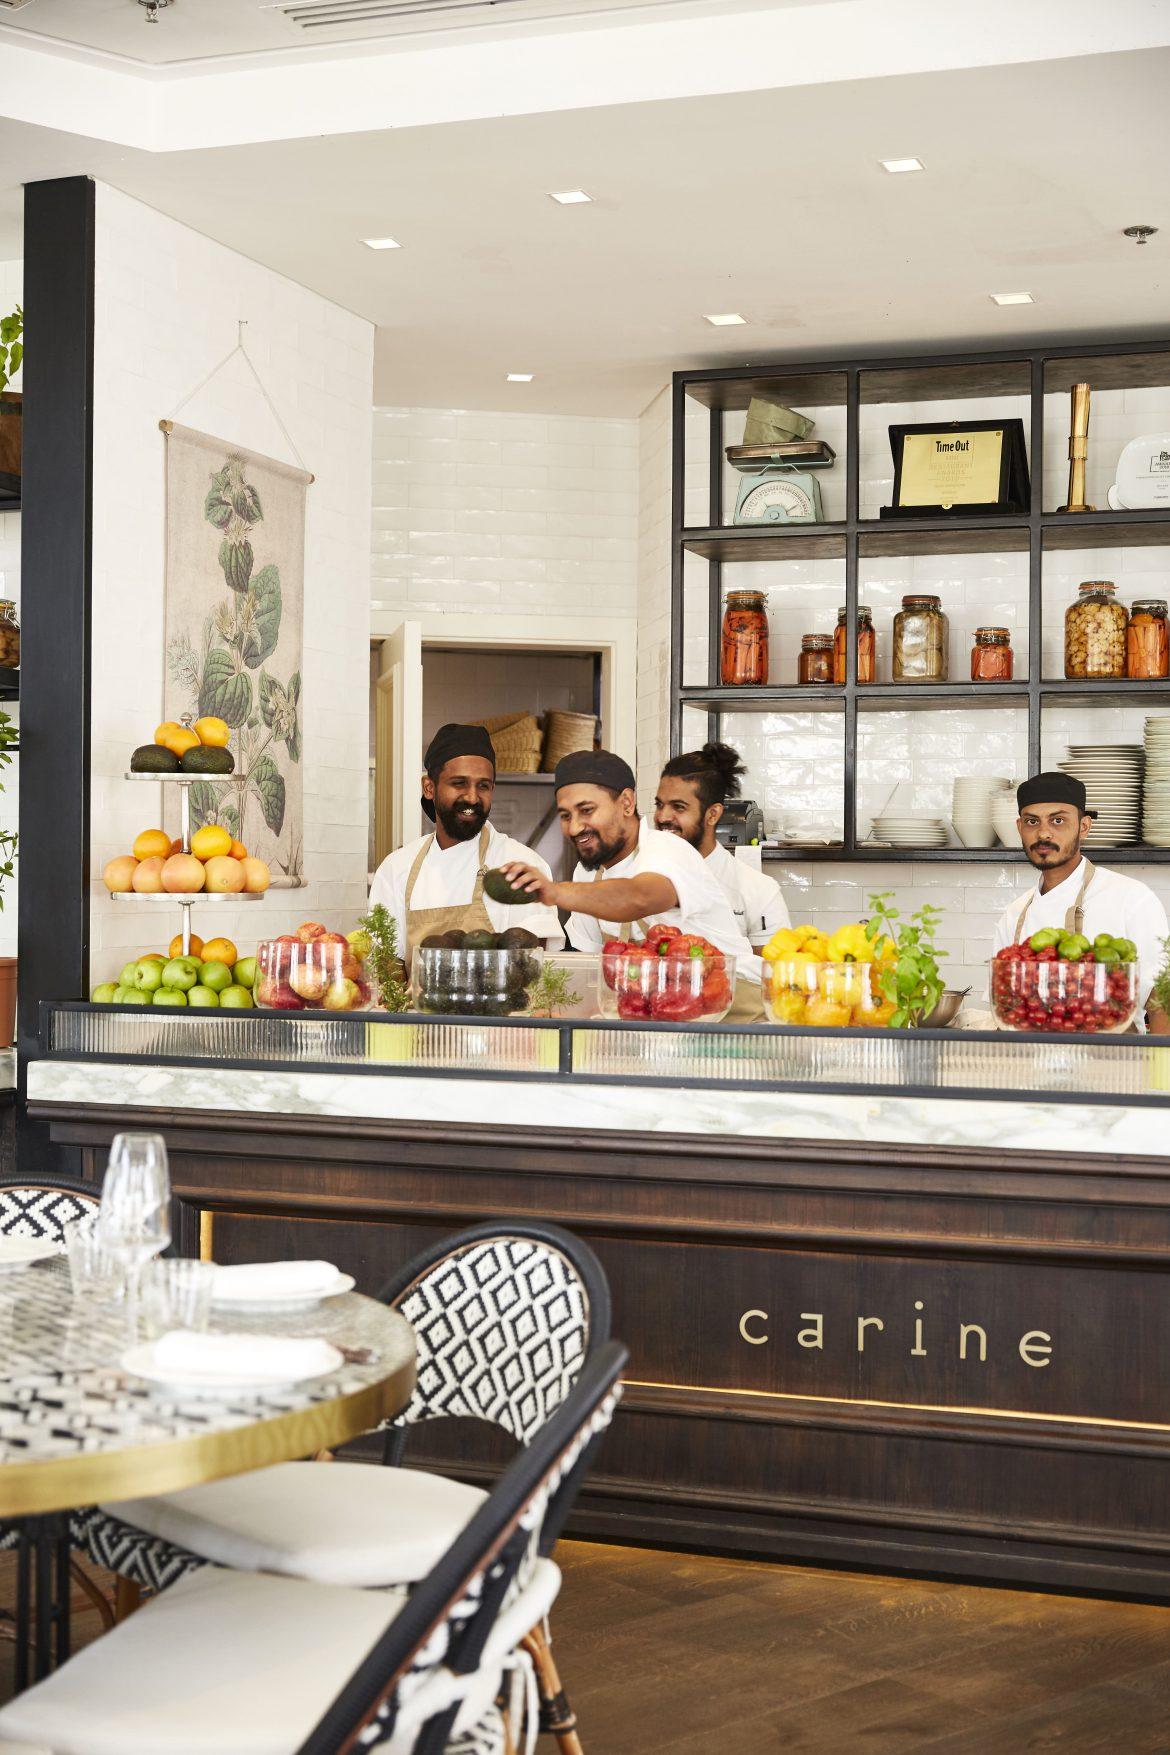 مطعم كارين يقدم تجربة موسيقية رائعة إحتفالاً باليوم العالمي للموسيقى